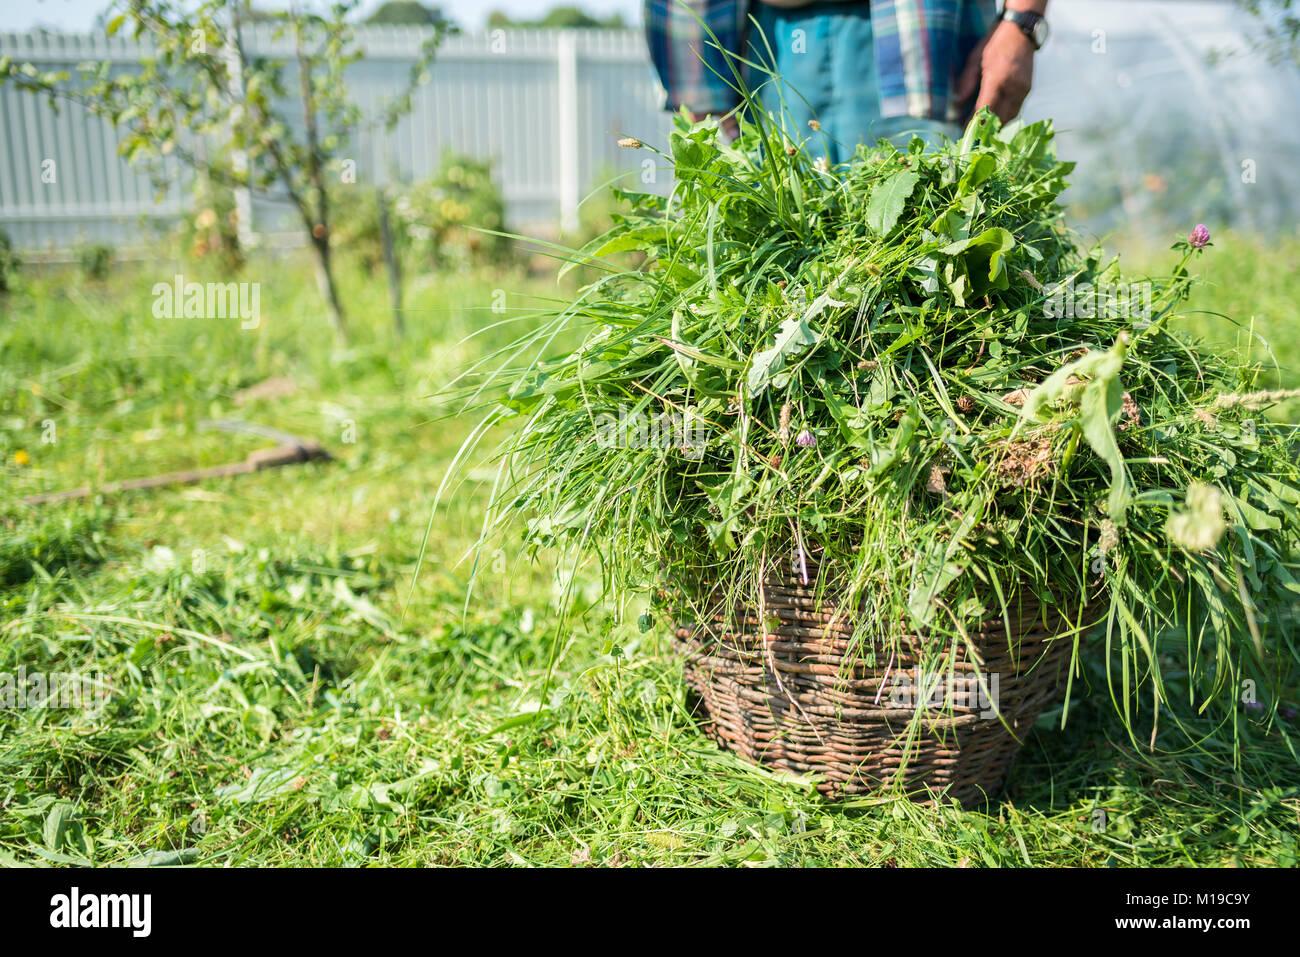 Couper de l'herbe sont dans un panier, faux, tondre le gazon avec un outil à main, faites à la main, Photo Stock